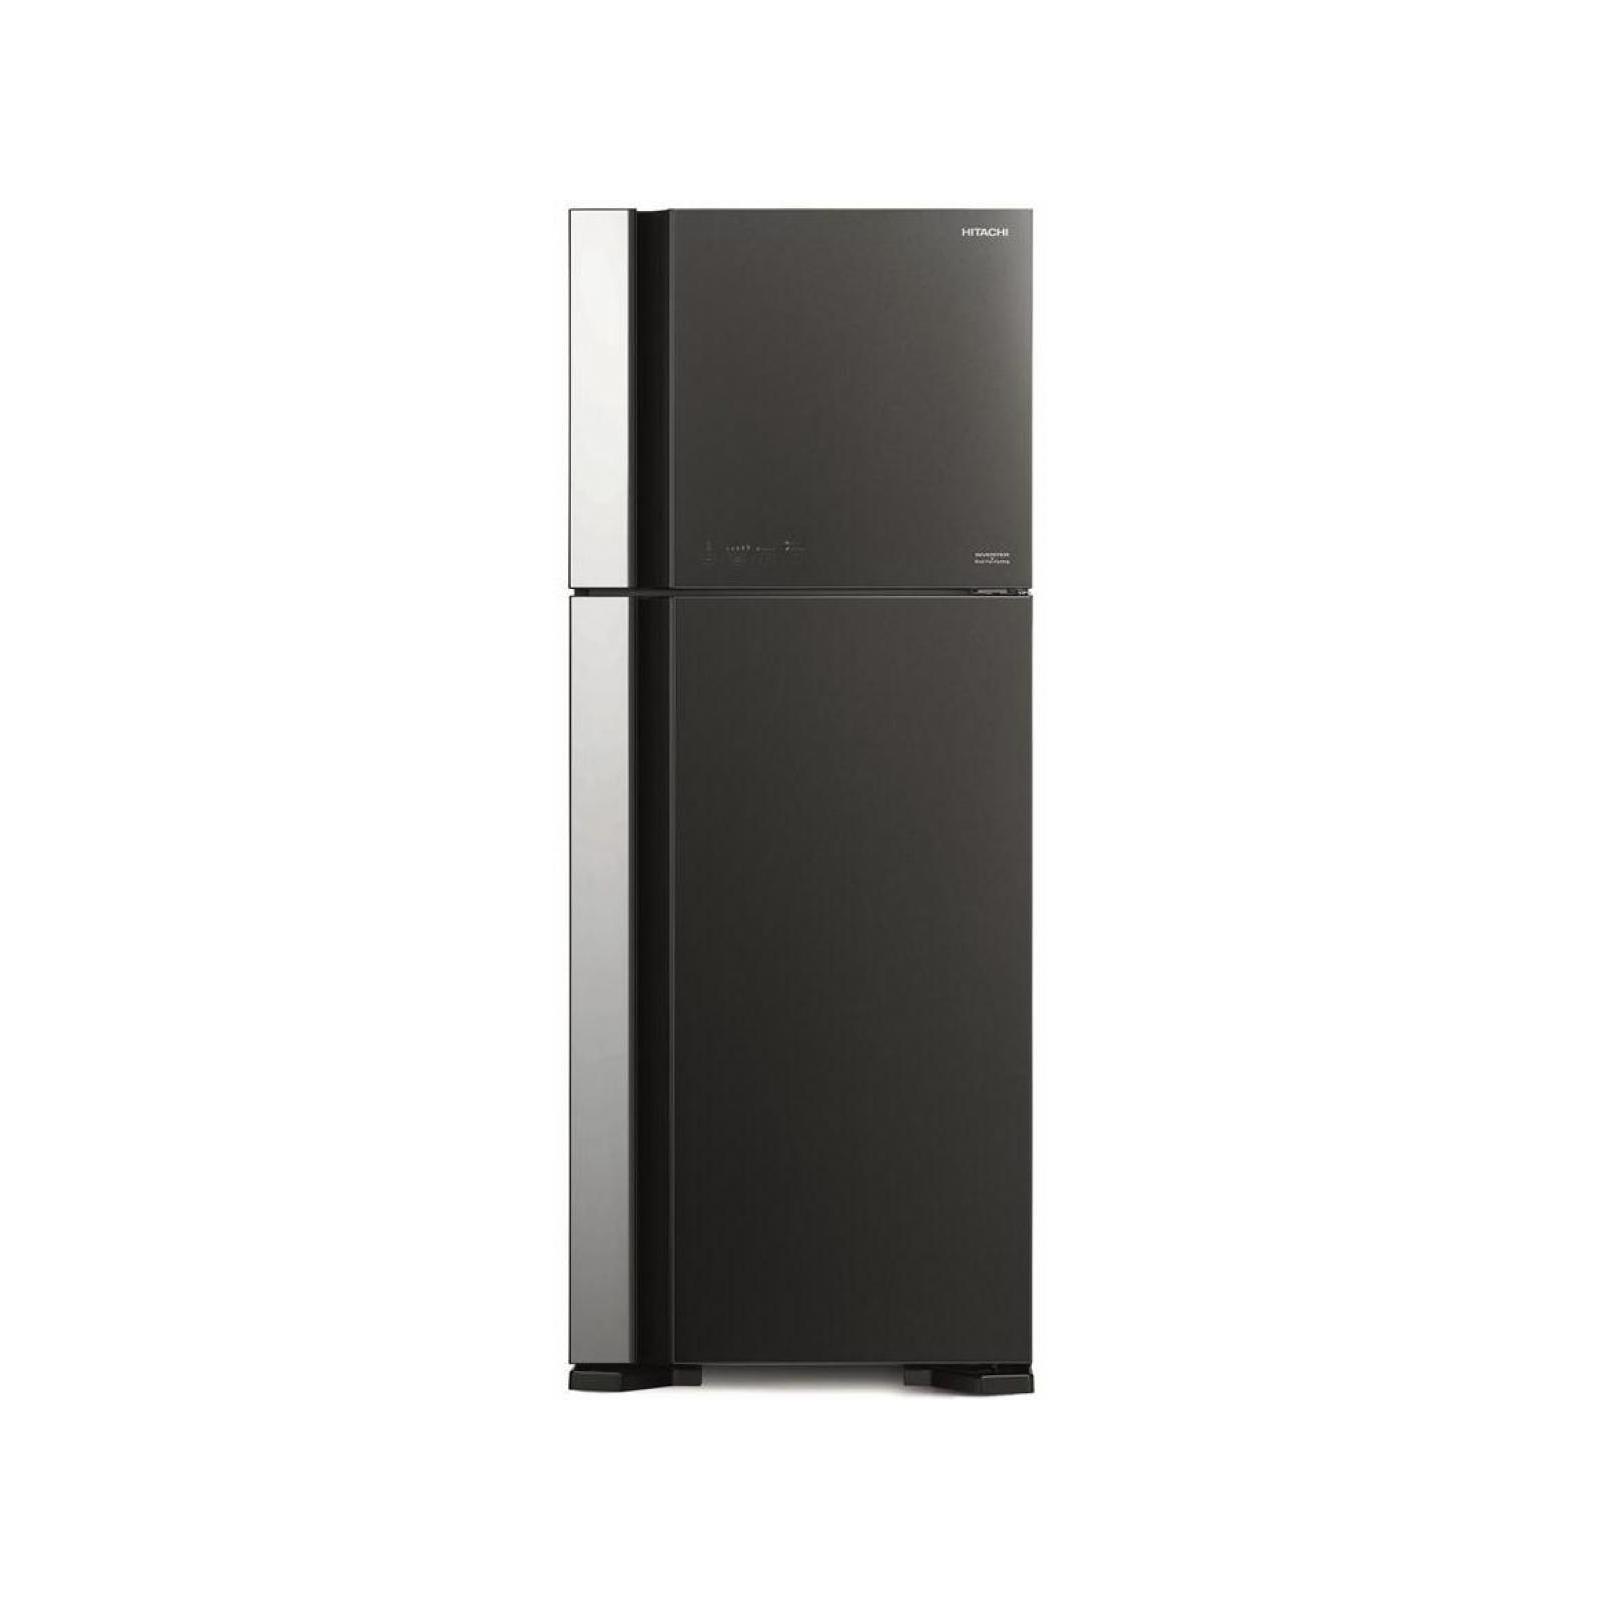 Холодильник Hitachi R-VG540PUC7GGR изображение 2